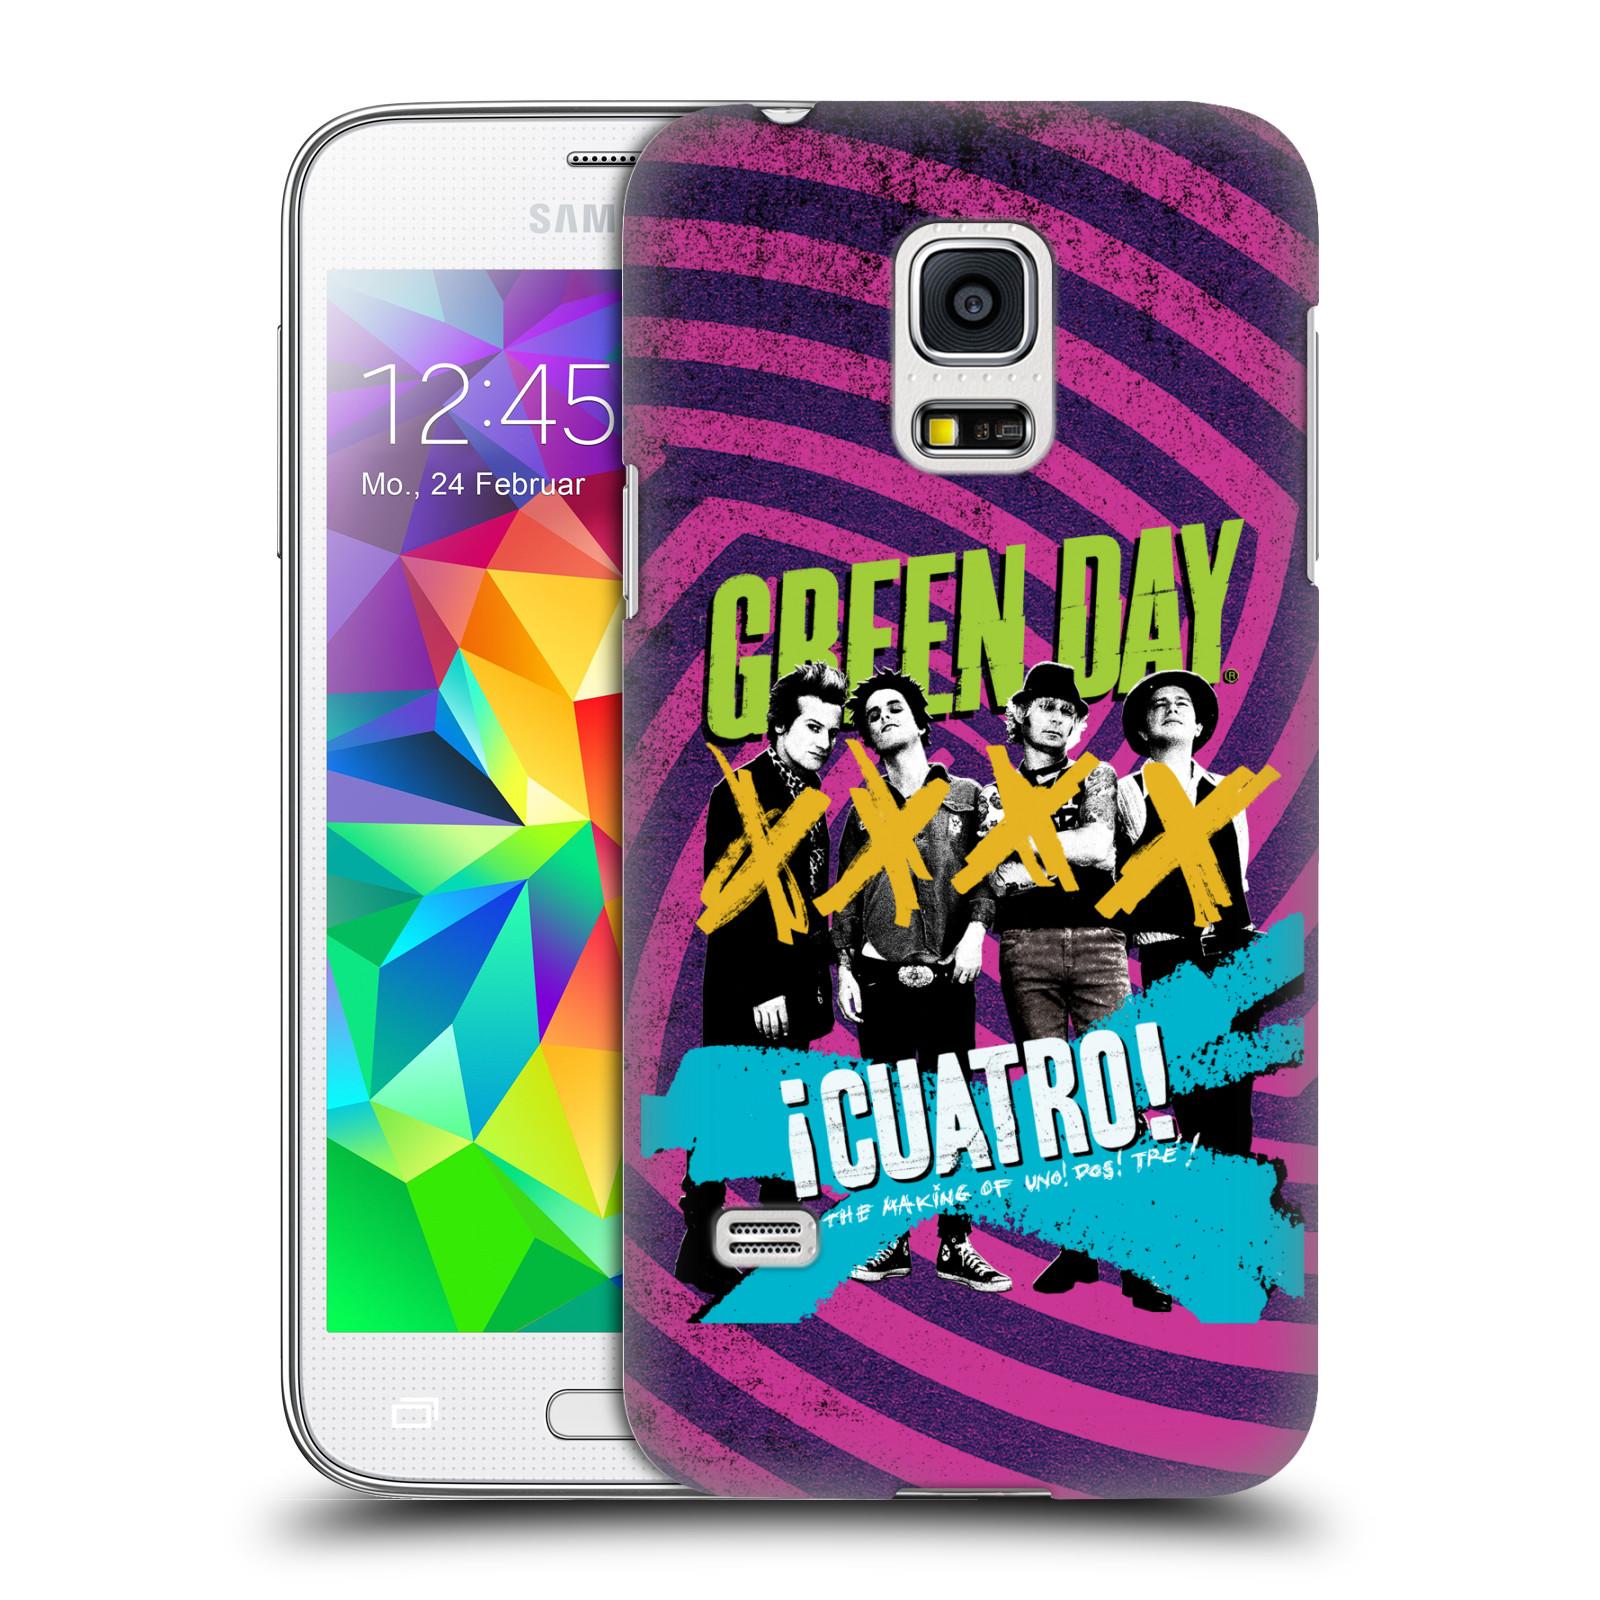 Plastové pouzdro na mobil Samsung Galaxy S5 Mini HEAD CASE Green Day - Cuatro